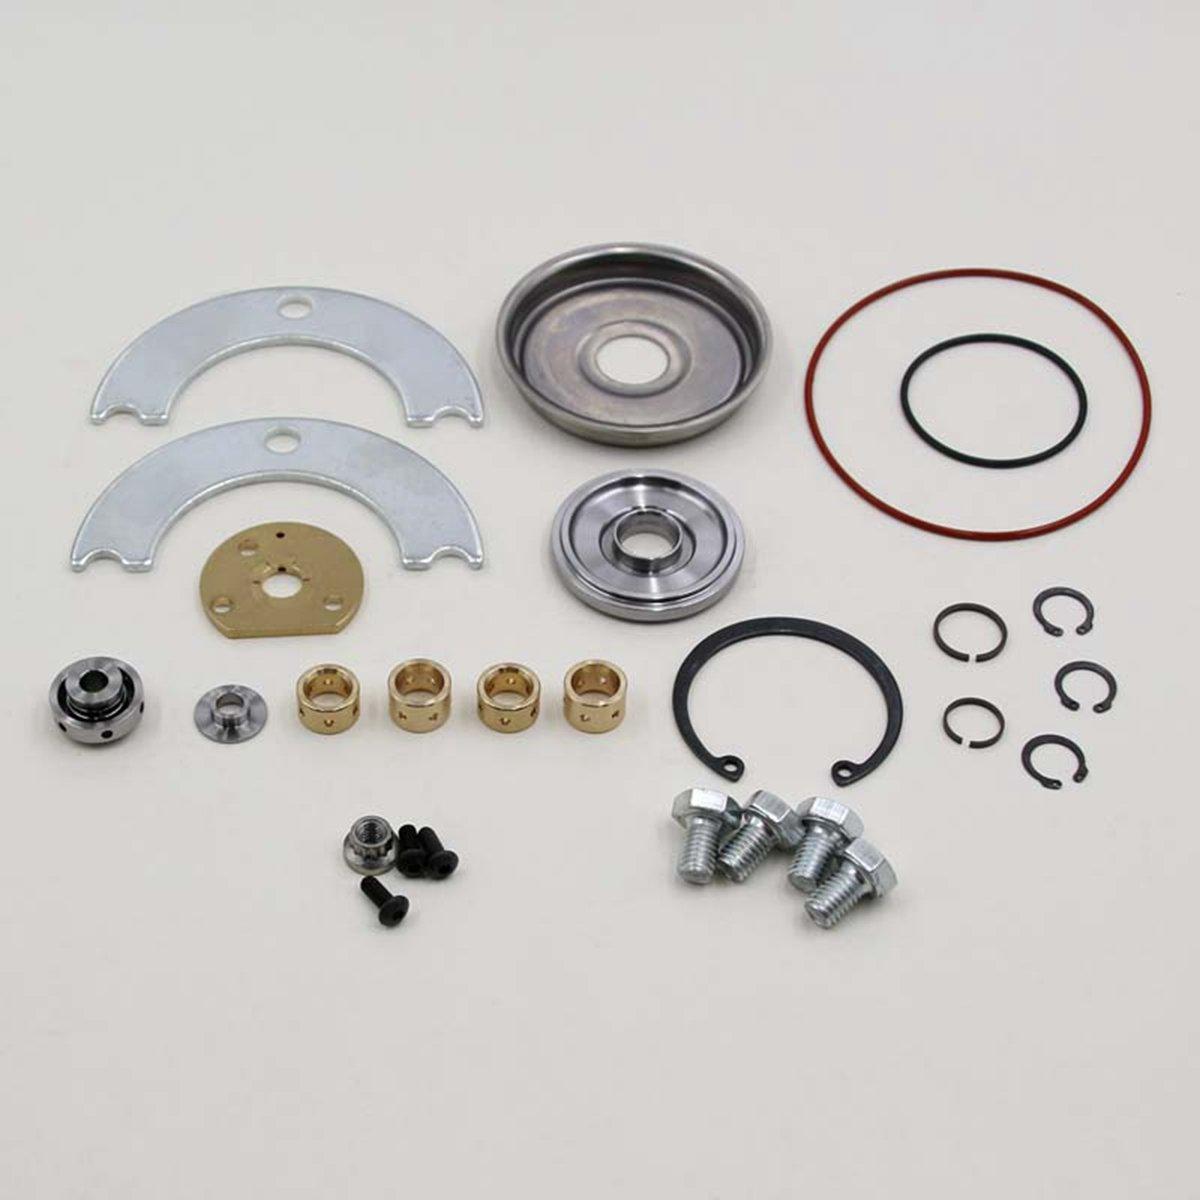 SUNDELY® Garrett T2 T25 T28 Turbo Rebuild Kit 360 degree 300zx s14 s15 DSM SR20 VG30 431525